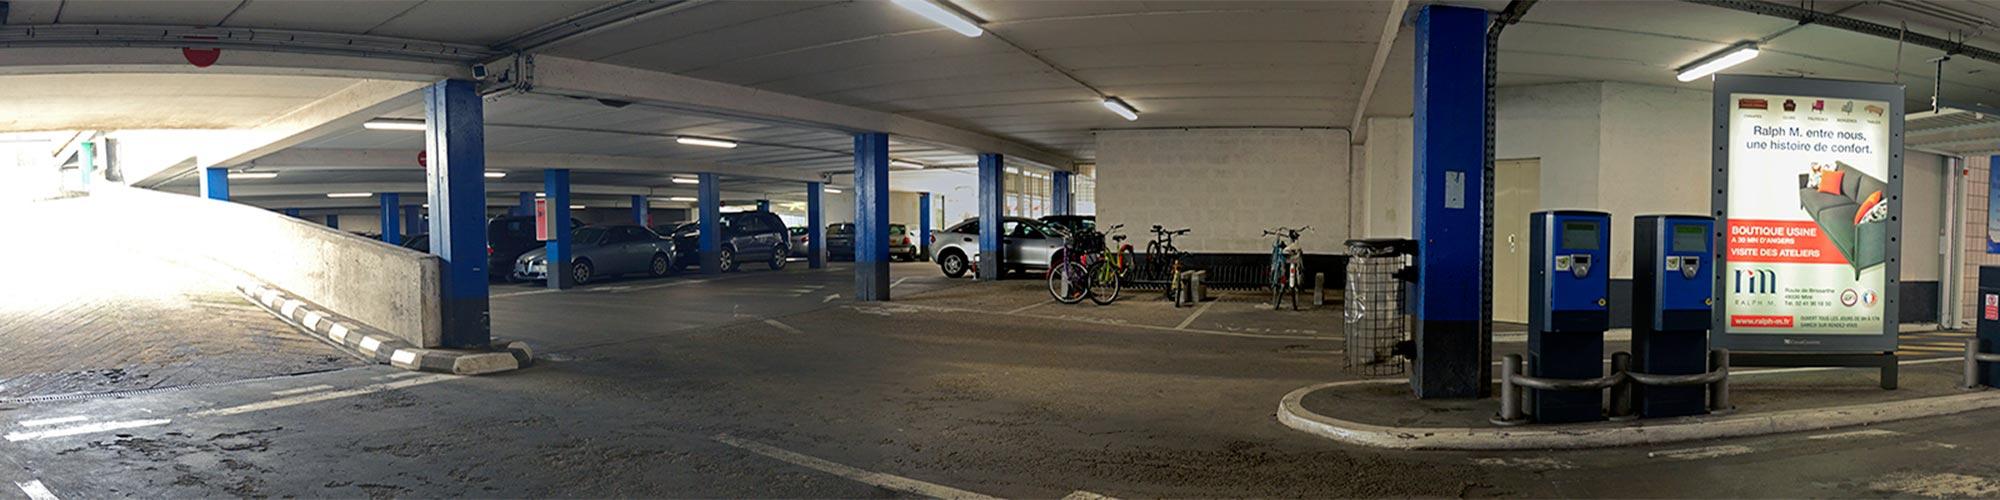 parking-bressigny